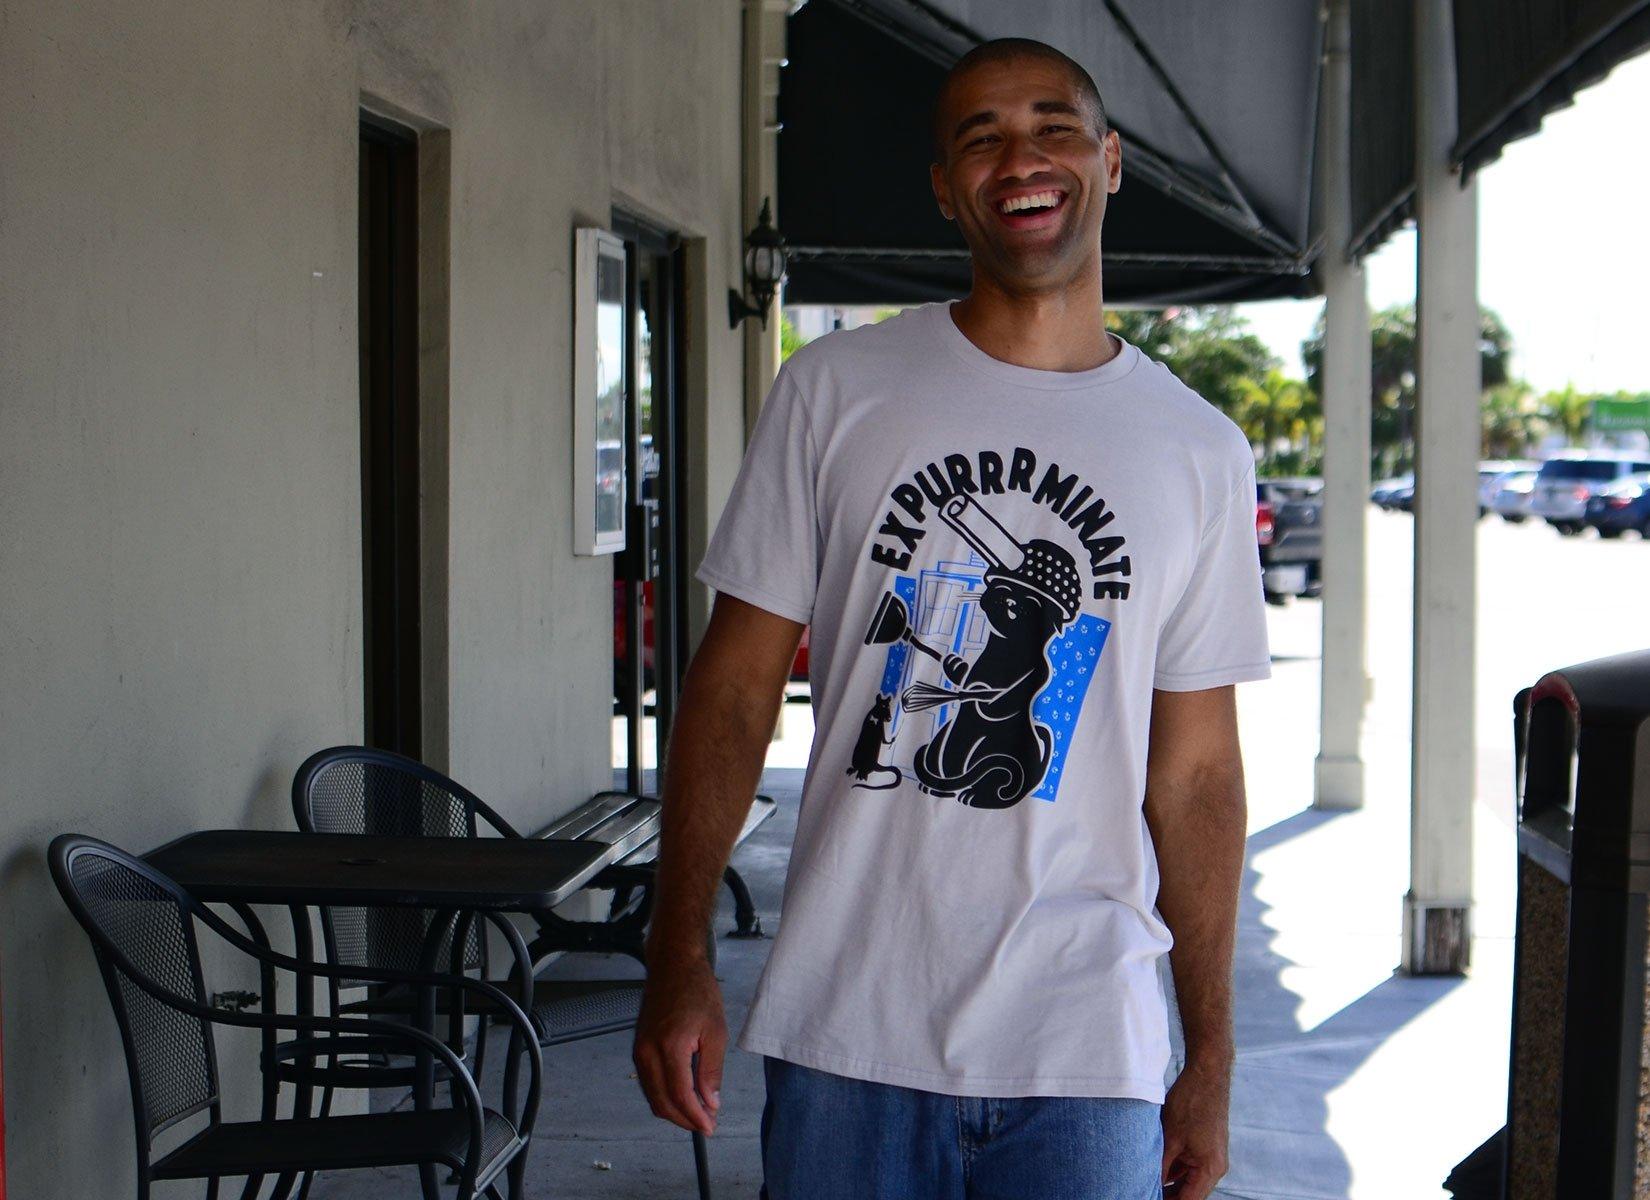 Expurrrminate on Mens T-Shirt